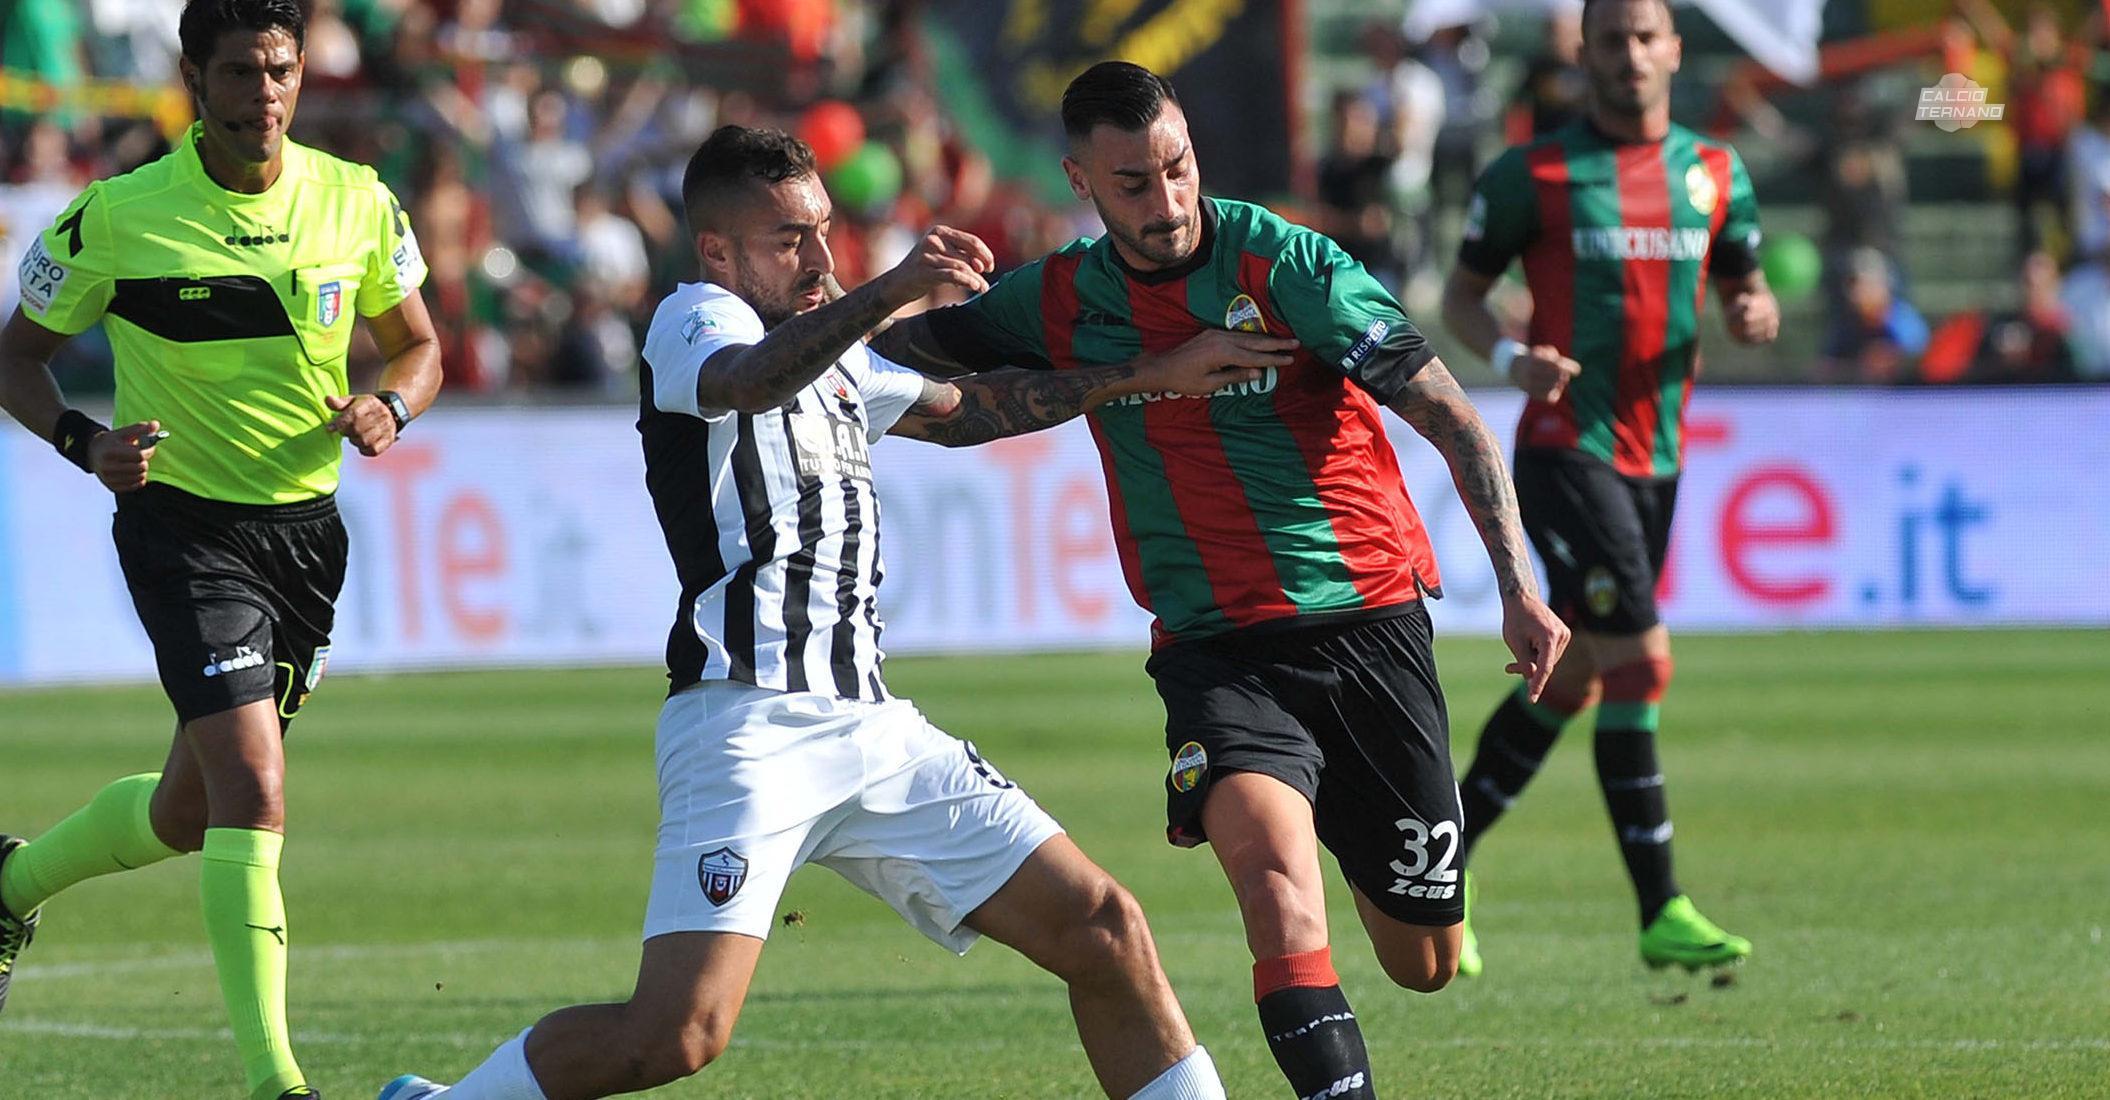 Brescia-Ternana, le pagelle del match